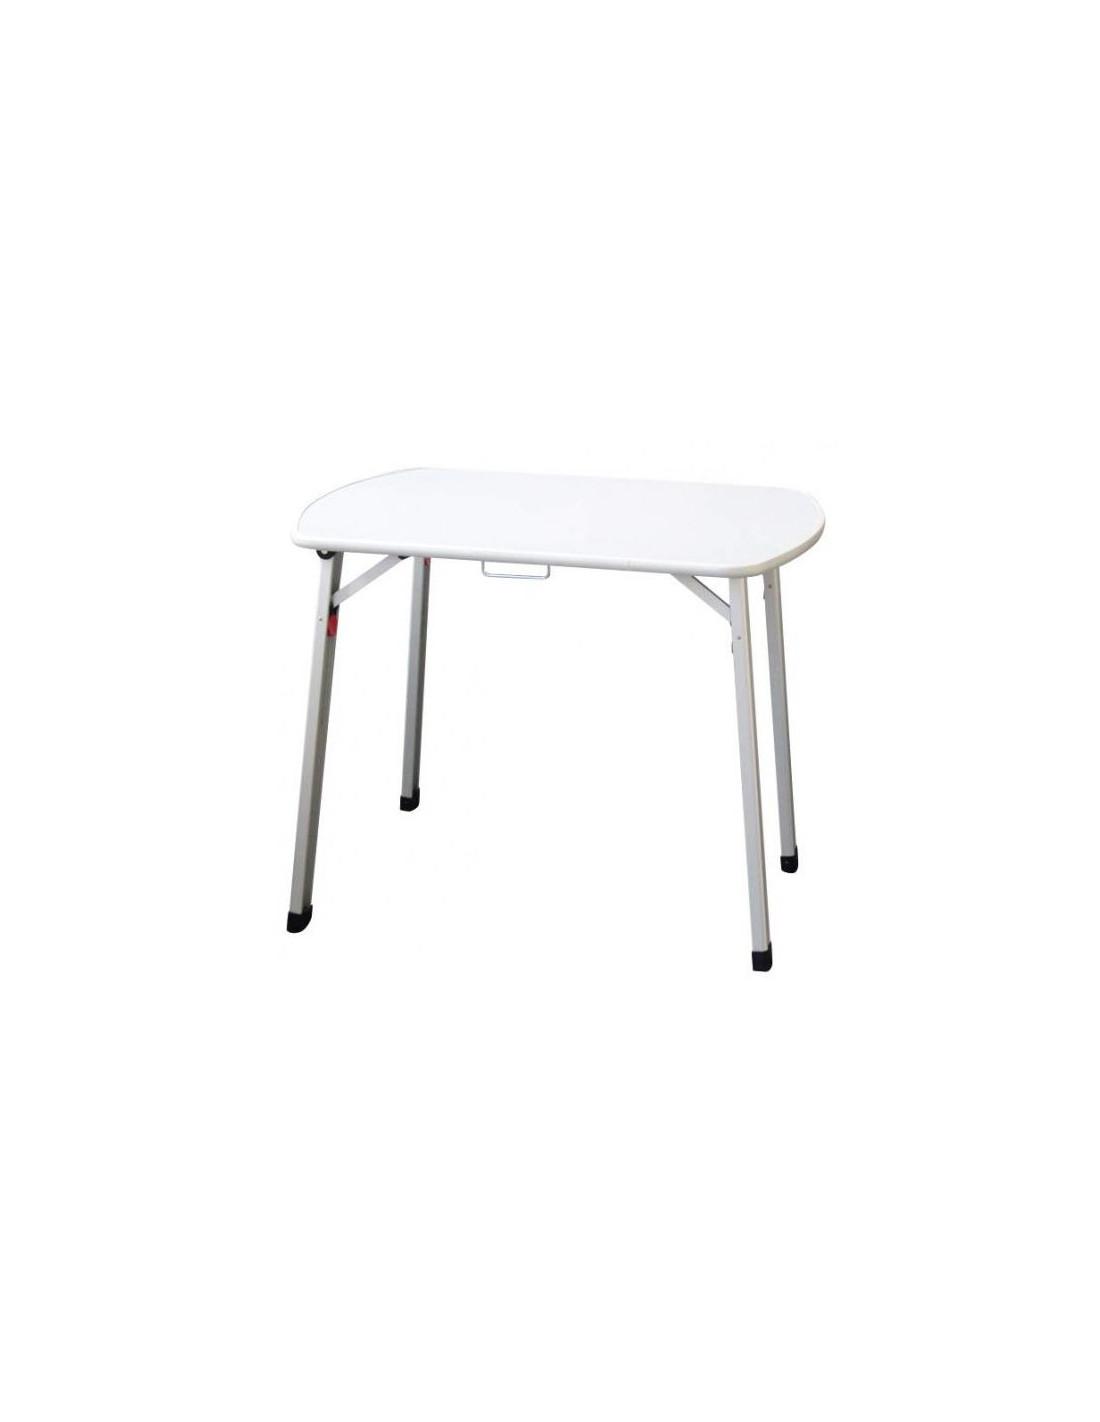 Mesa plegable en aluminio 90 cm tienda de camping online for Mesa de camping plegable de aluminio